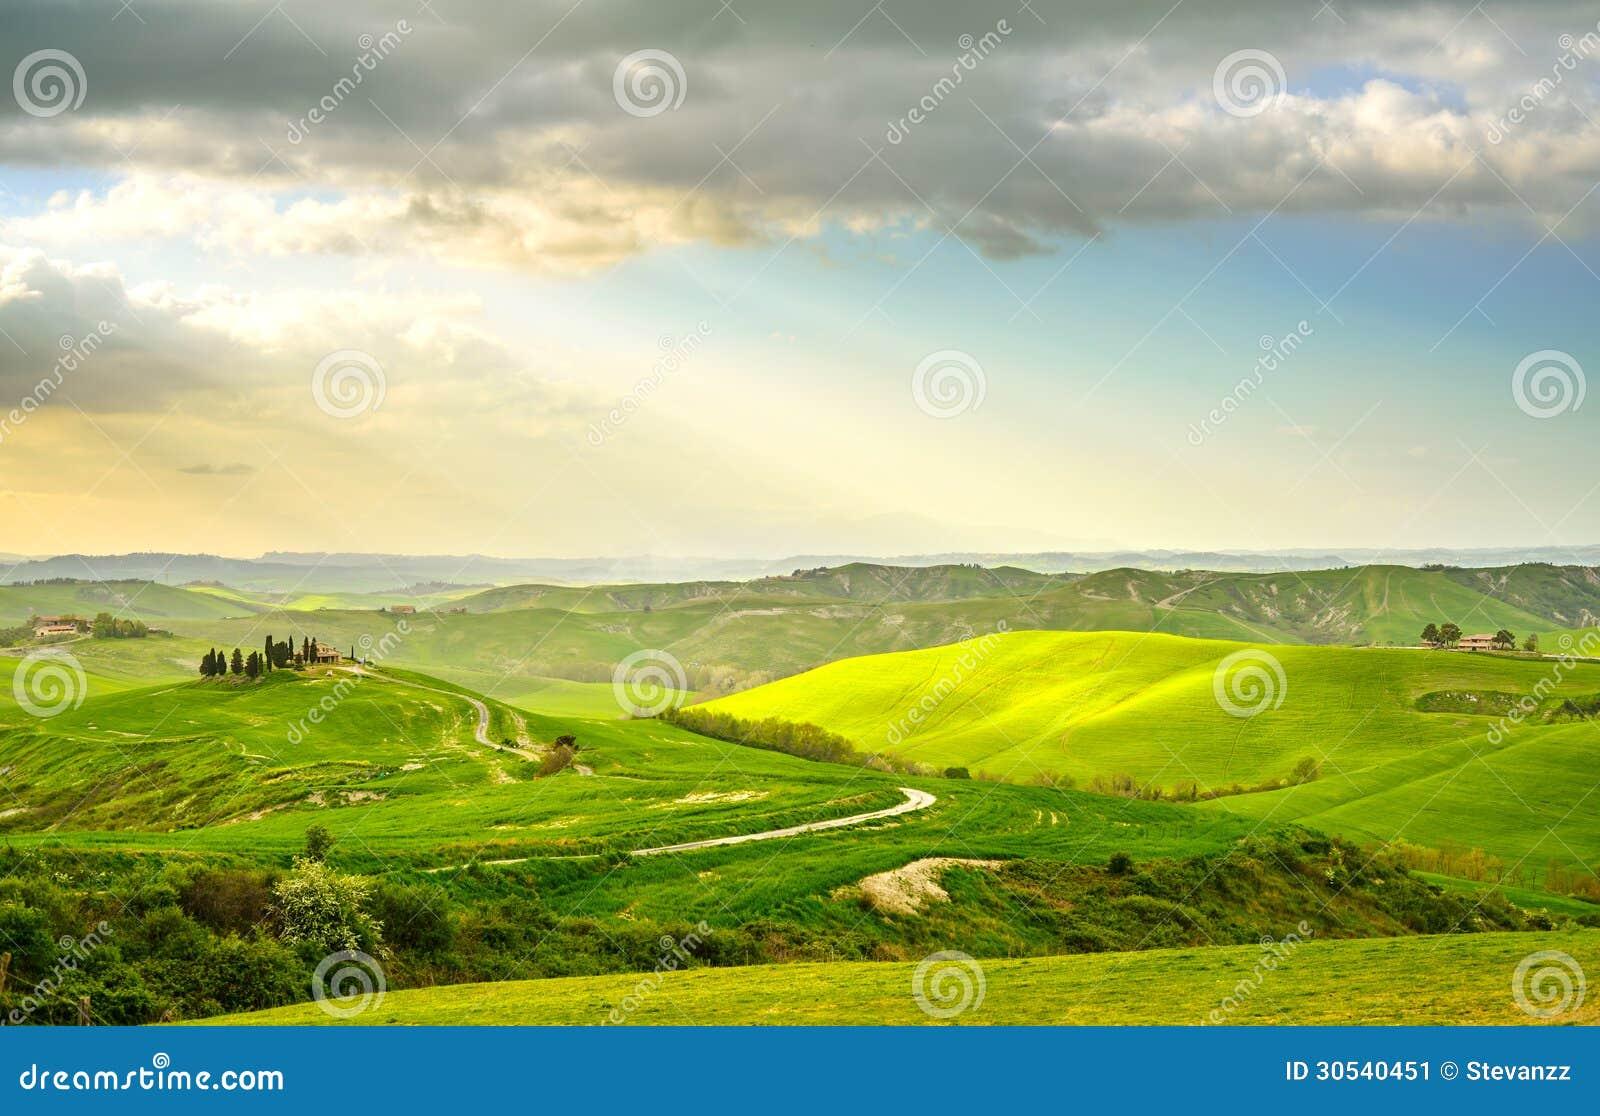 托斯卡纳,农村日落风景。乡下农场、白色路和柏树。